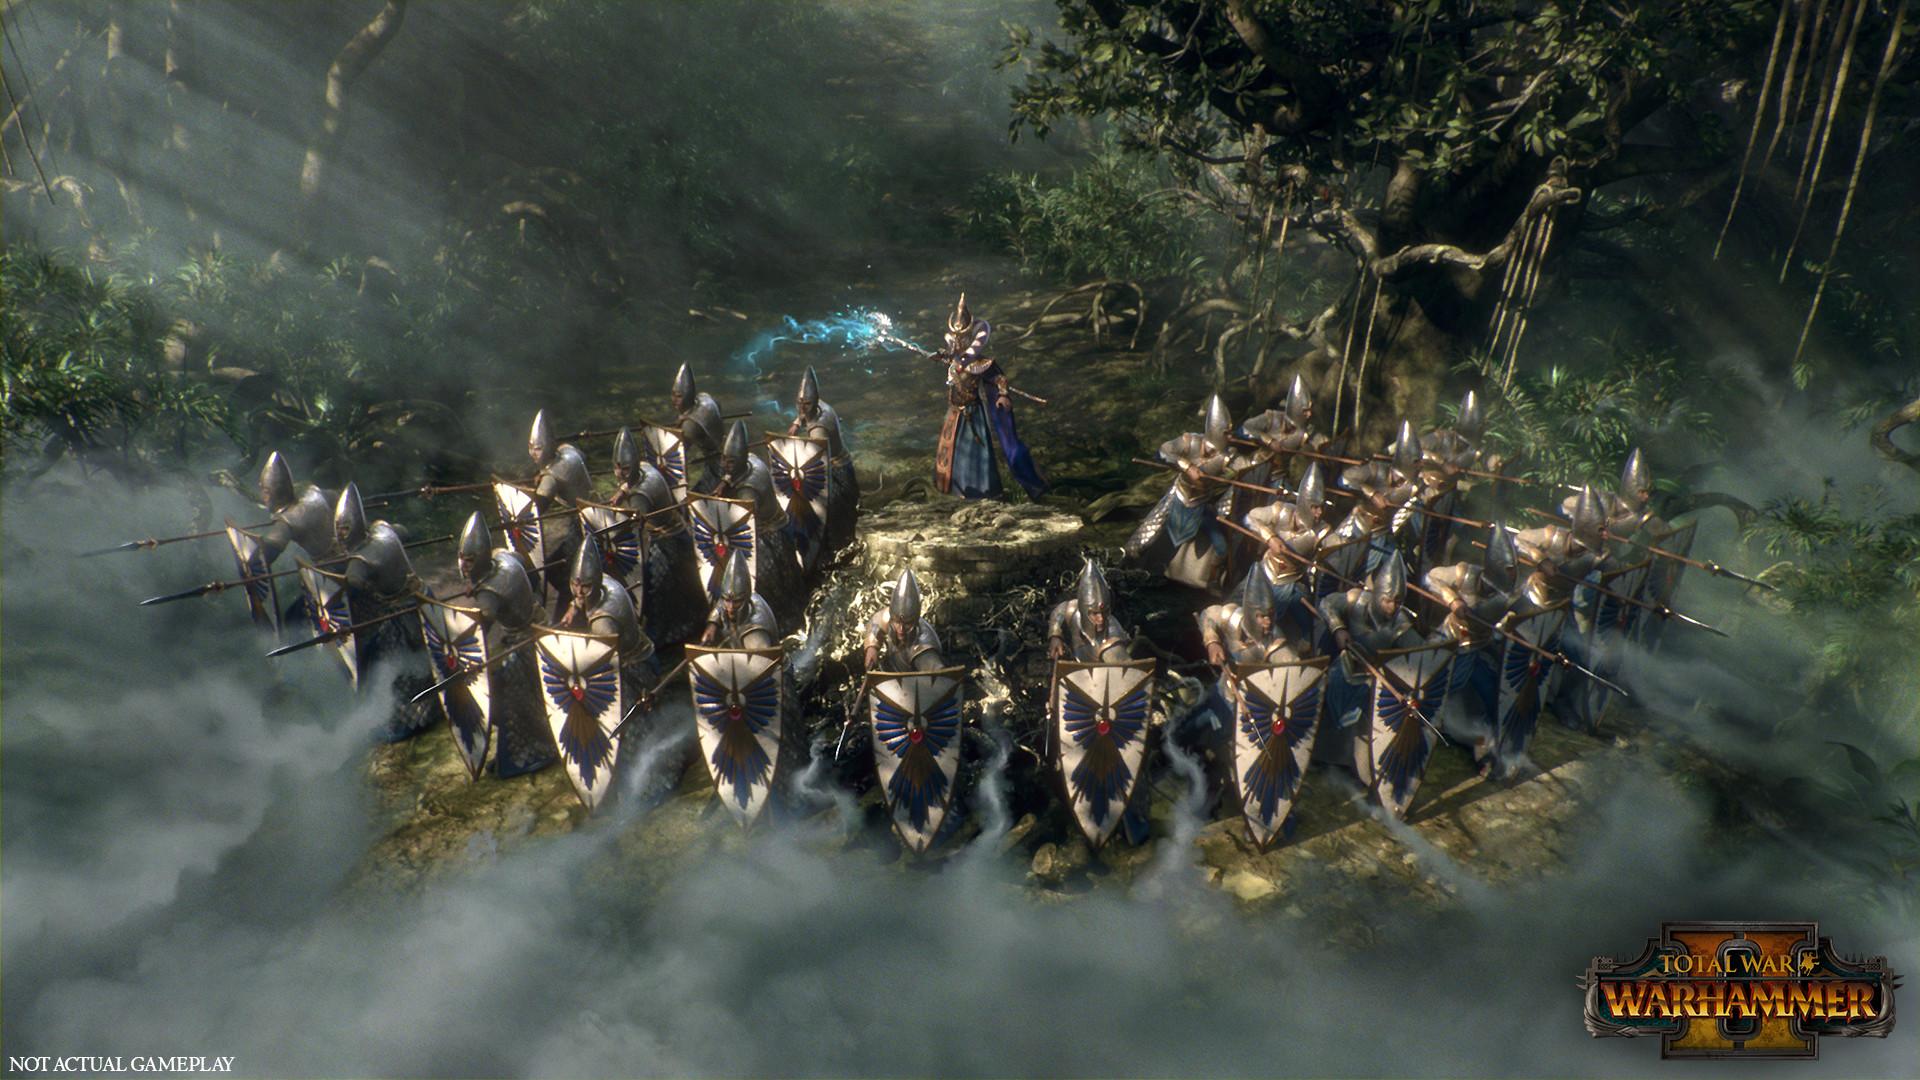 Total War: WARHAMMER II game image